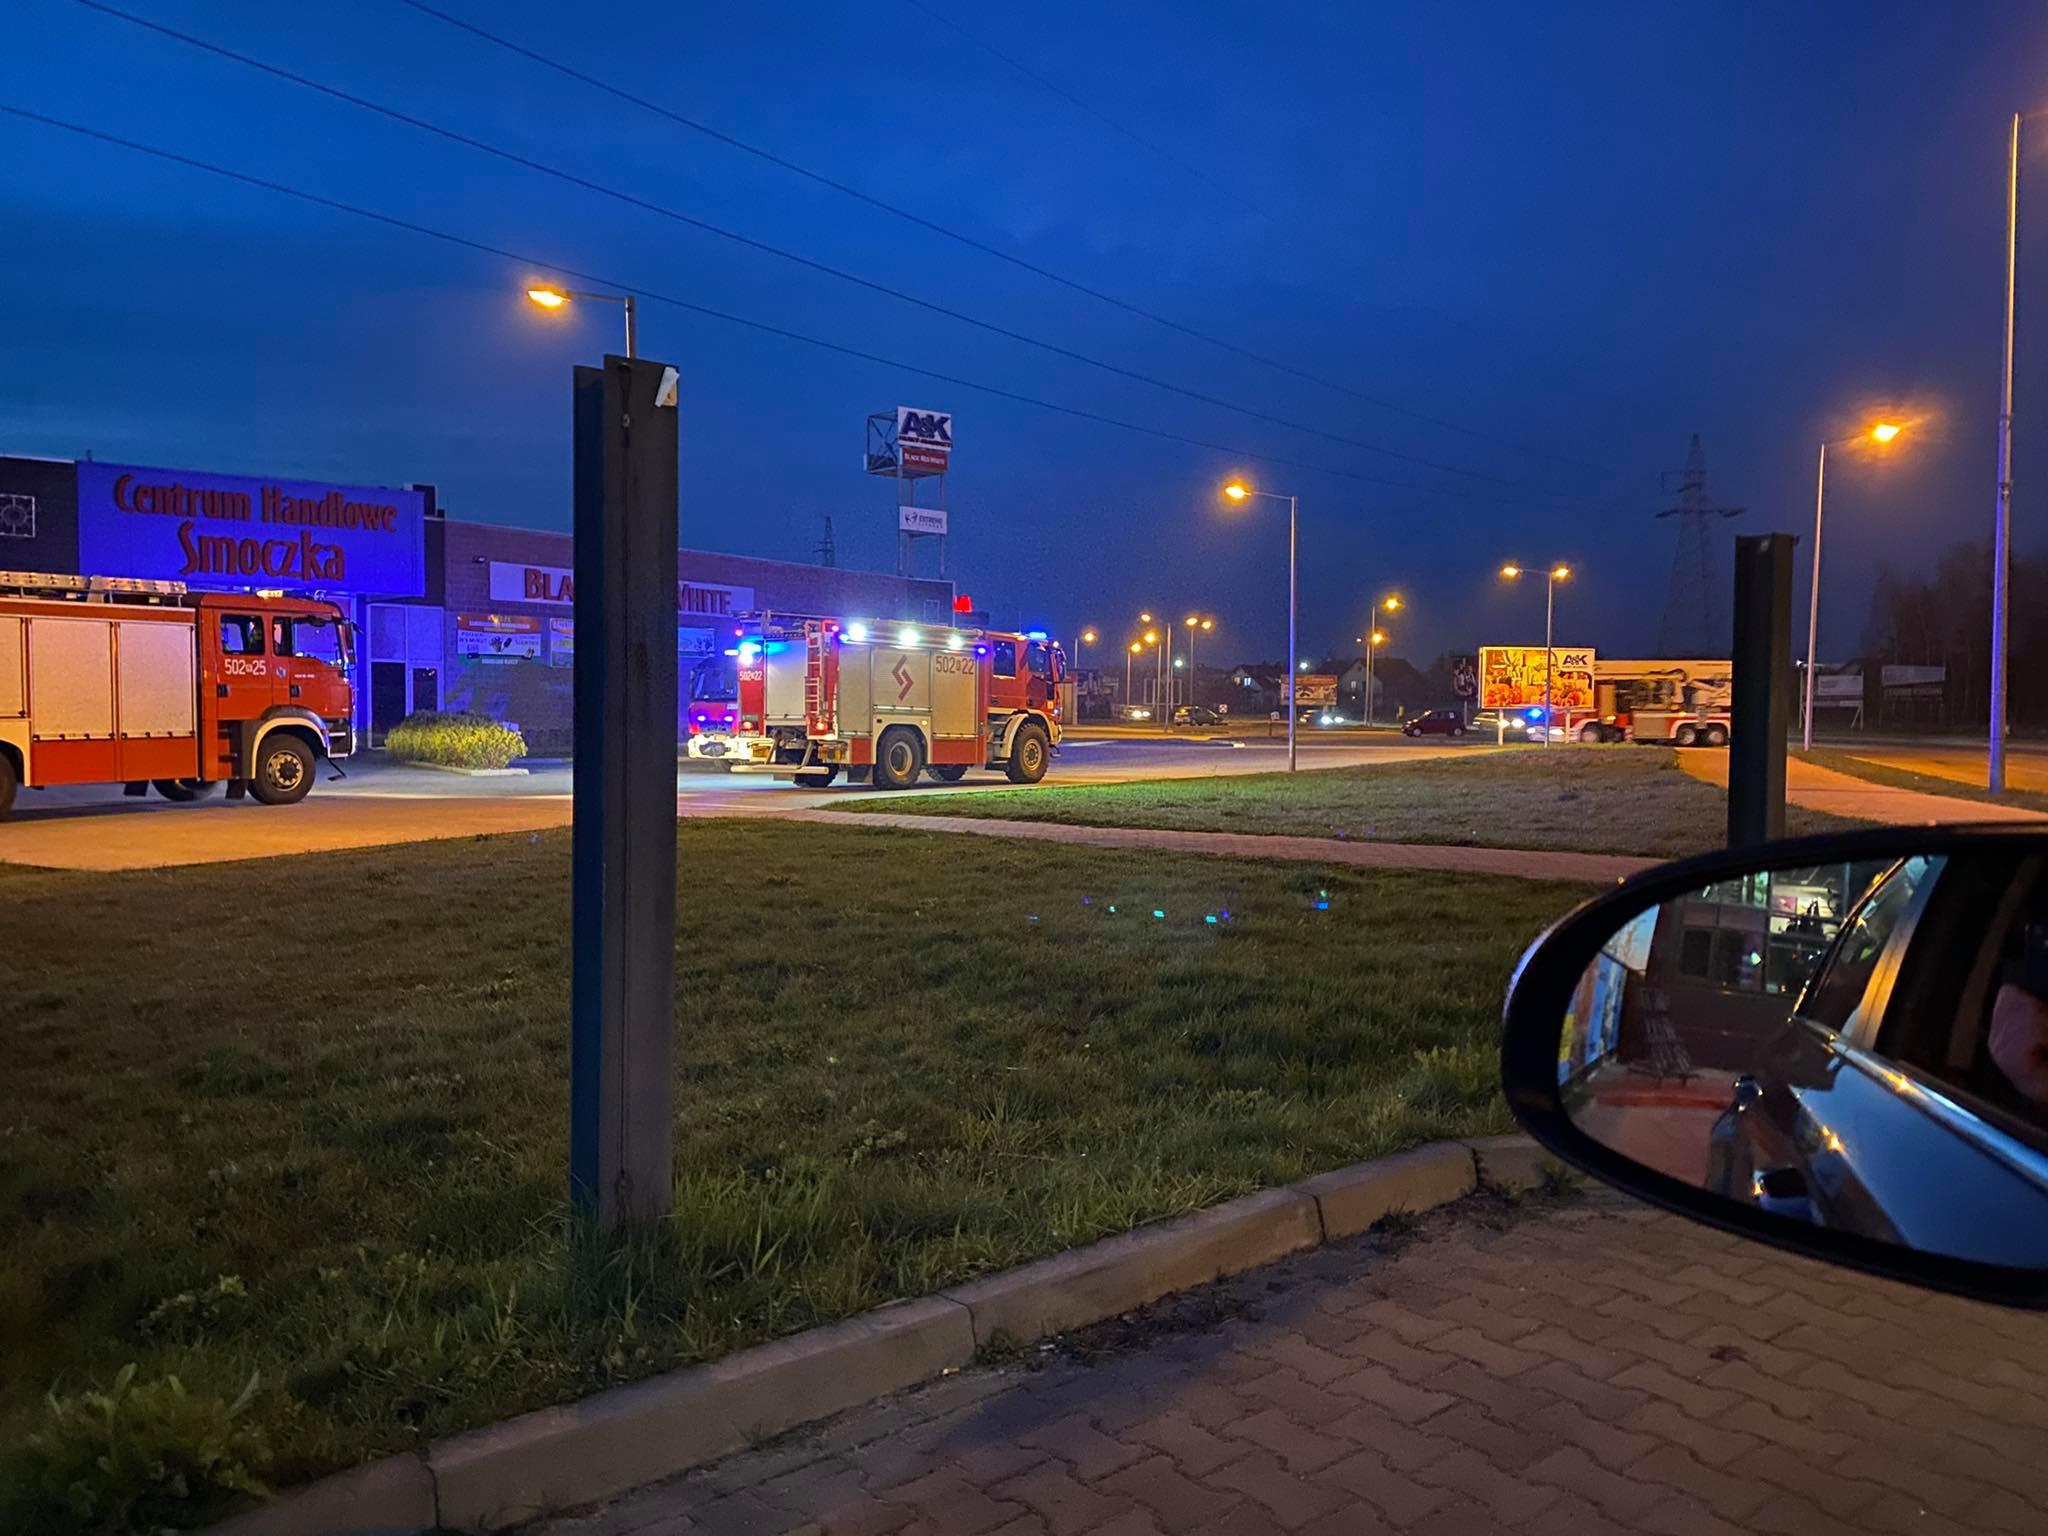 Interwencja 4 zastępów straży w centrum handlowym [ZDJĘCIA] - Zdjęcie główne